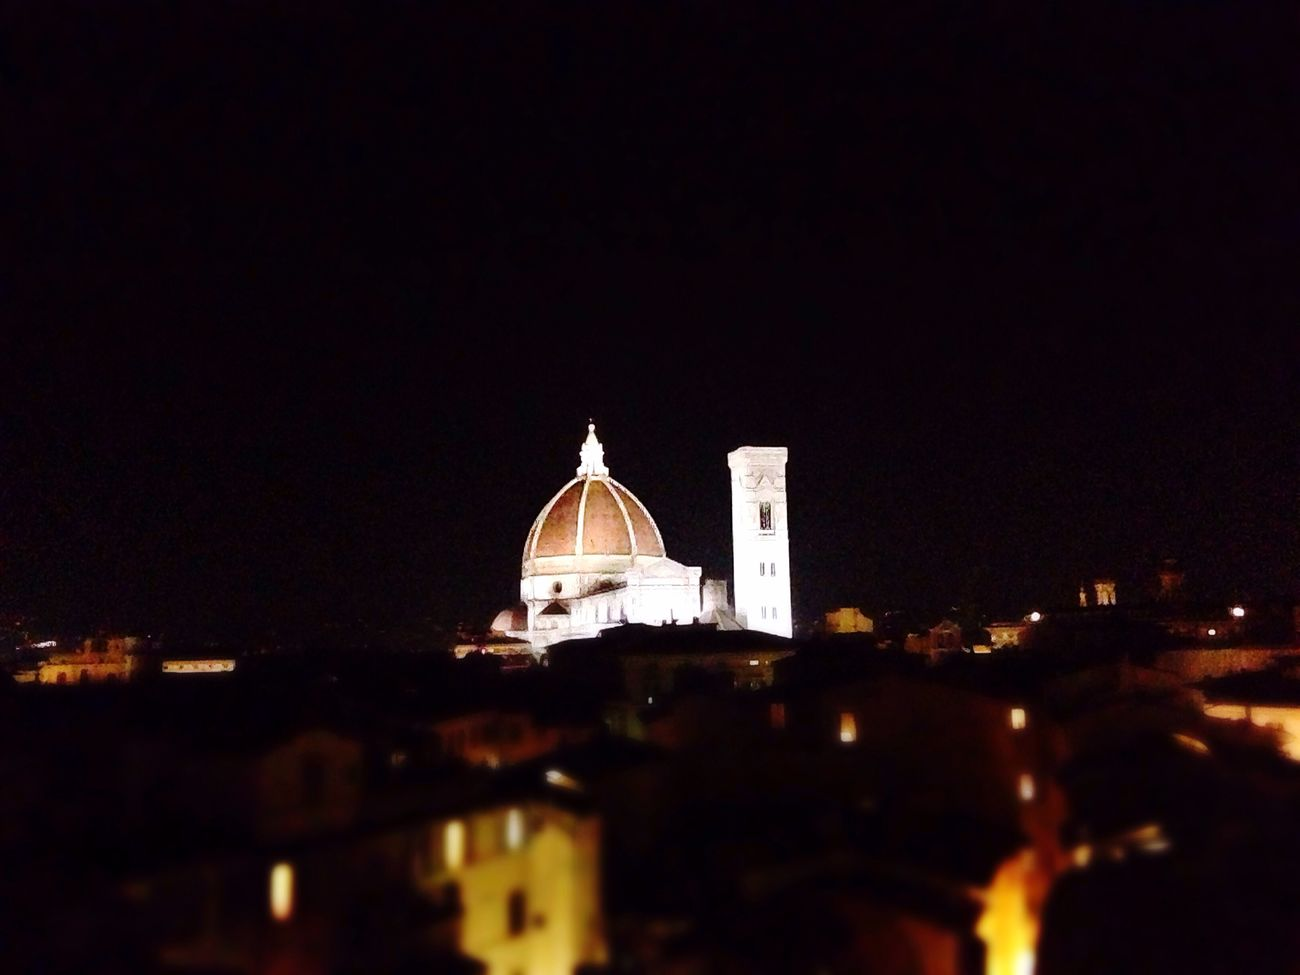 #Florence Italy Night Nightlife Night Lights HappyBirthday Nightphotography